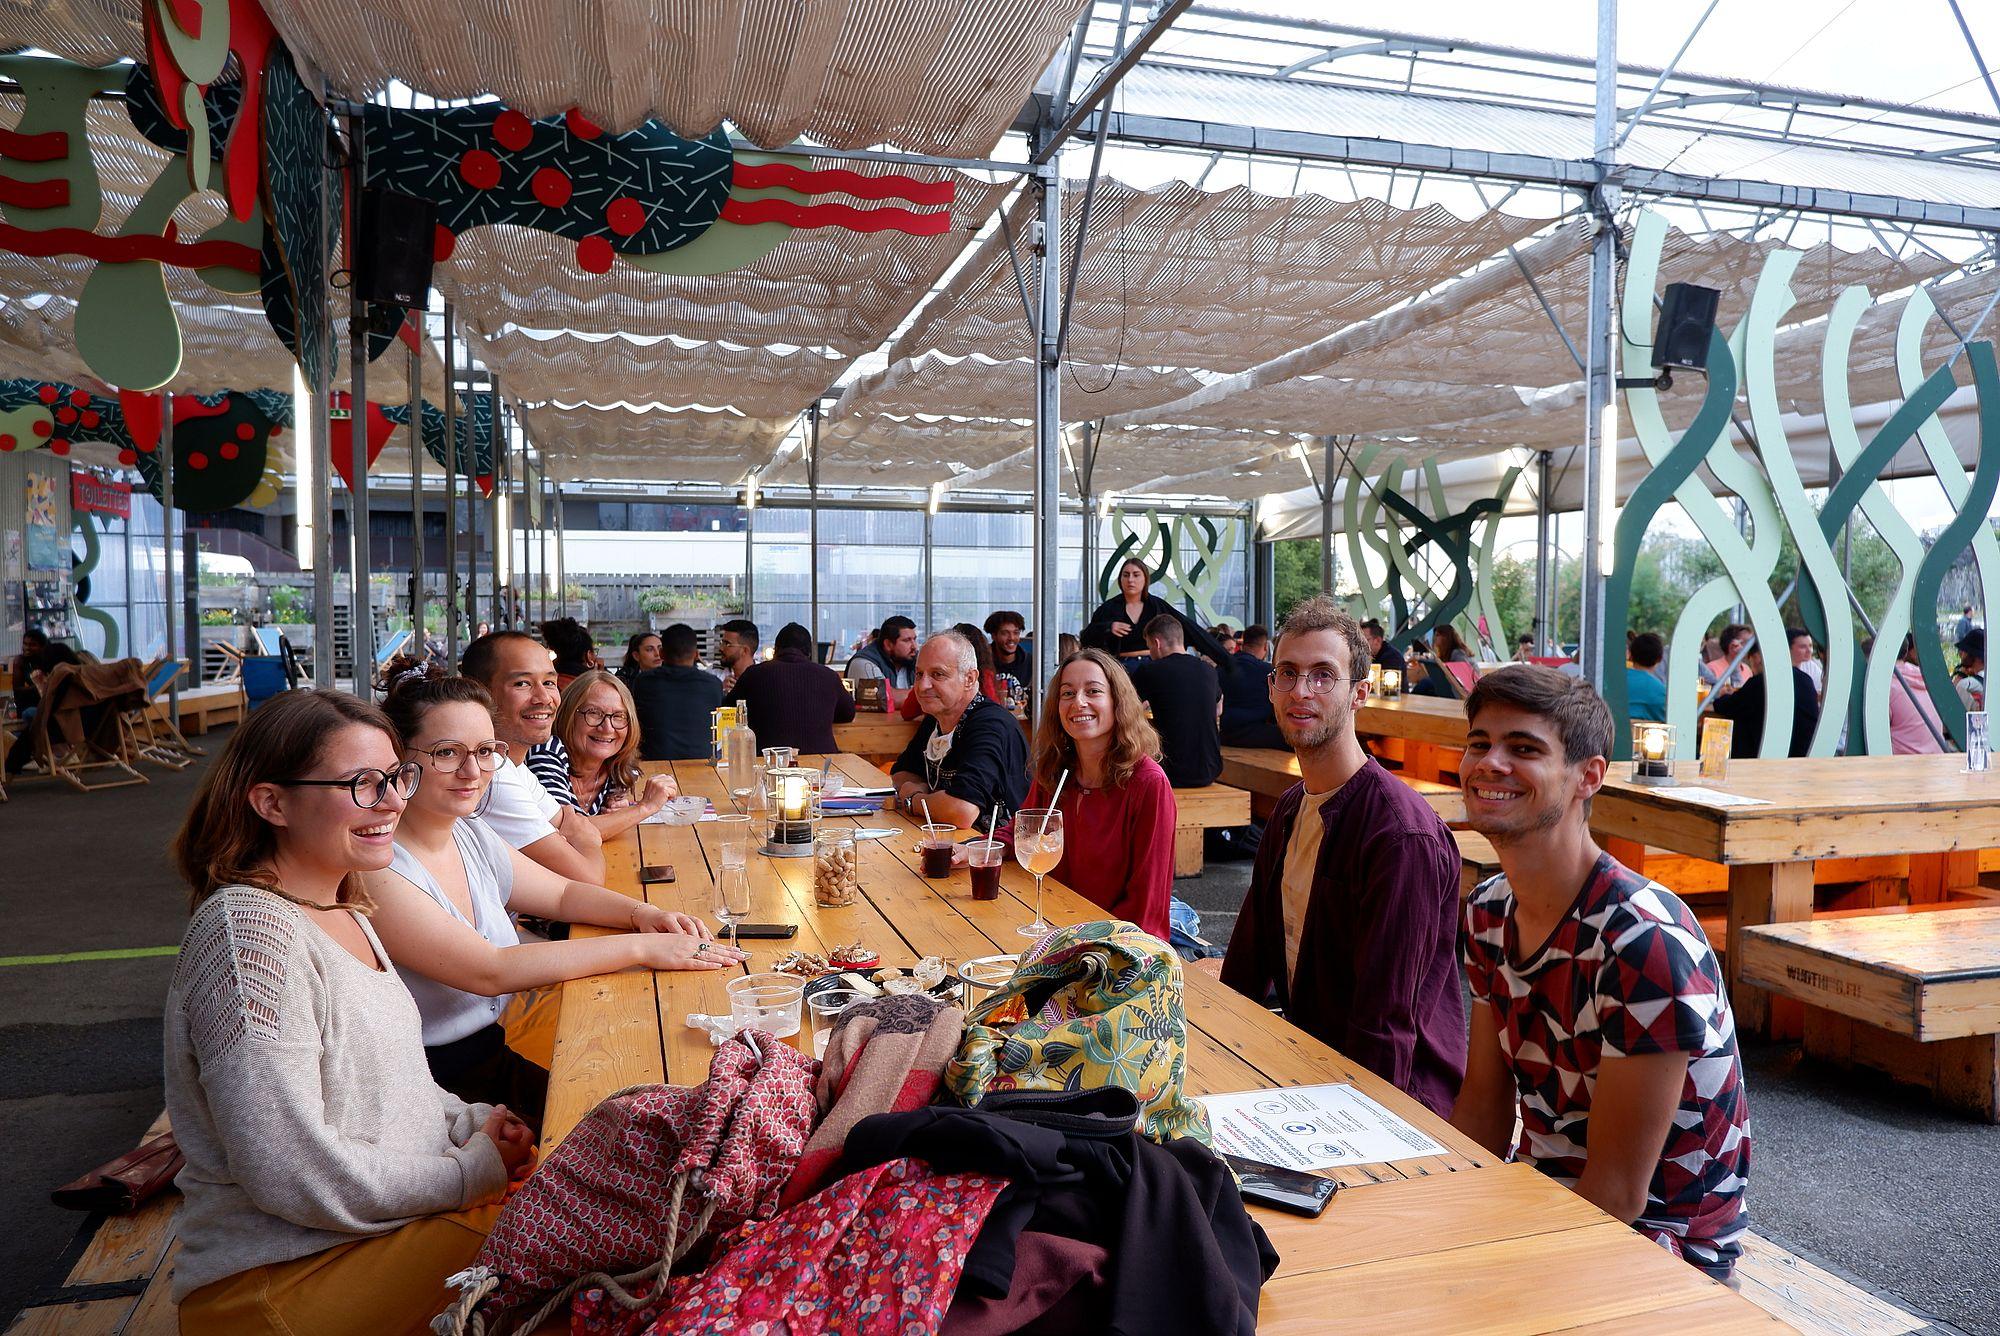 La Cantine du Voyage à Nantes avec mes collèges en train d'y boire un verre